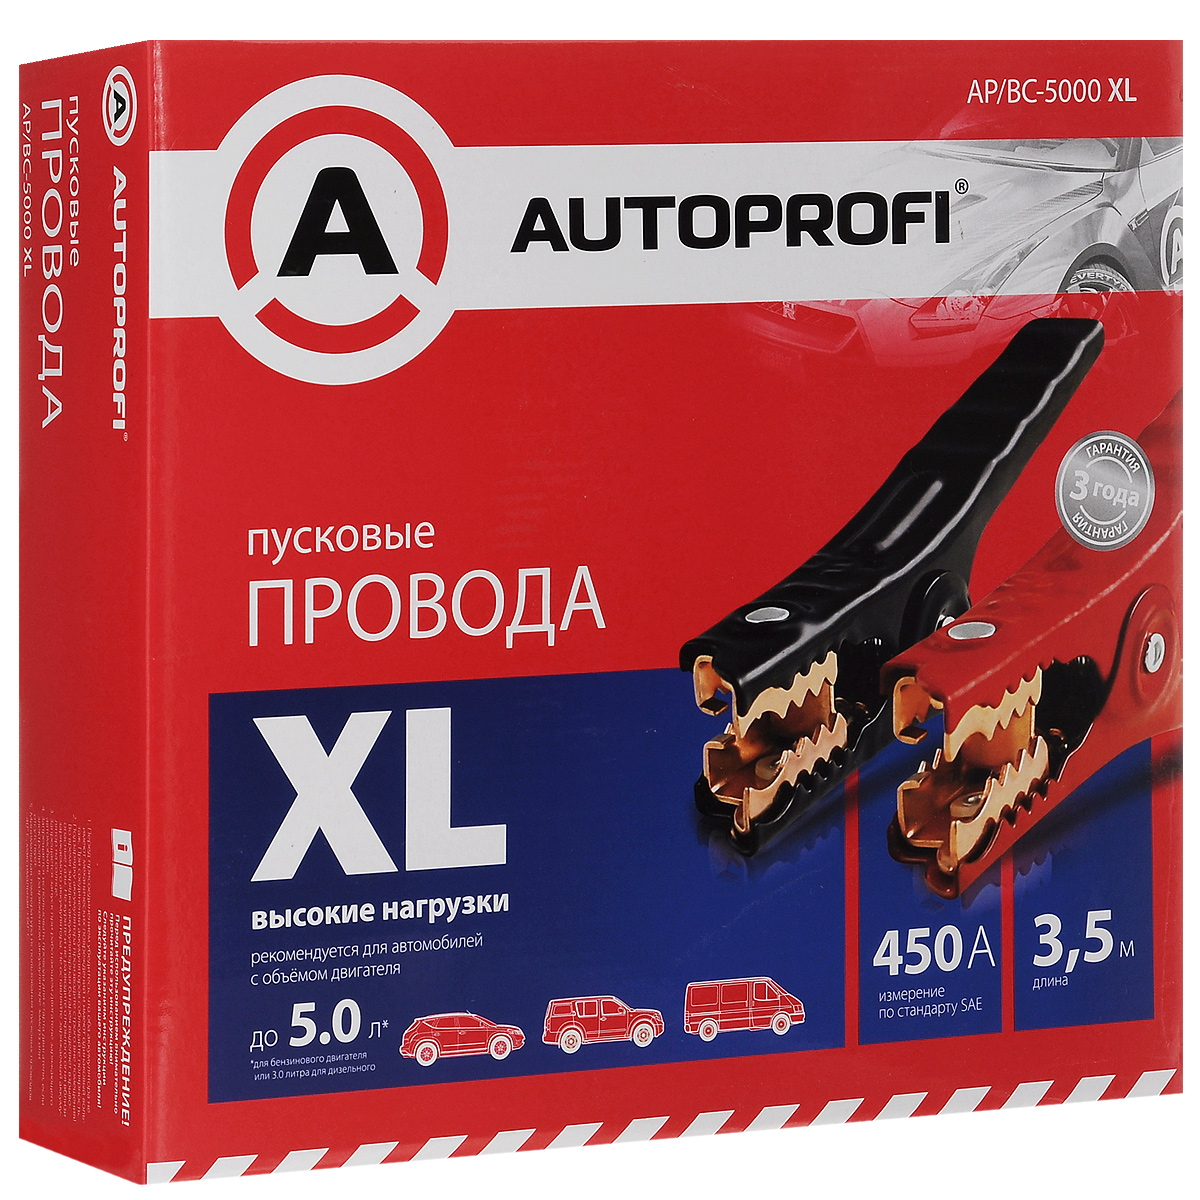 Провода пусковые Autoprofi XL, высокие нагрузки, 21,15 мм2, 450 A, 3,5 мAP/BC - 5000 XLПусковые провода Autoprofi XL сделаны по американскому стандарту SAE J1494. Это значит, что падение напряжение ни при каких условиях не превышает 2,5 В. Ручки пусковых проводов не нагреваютсядо уровня, способного навредить человеку. Технологически это достигается использованием проводов из толстой алюминиевой жилы с медным напылением, а также надежной термопластовой изоляцией.Данные провода рекомендованы для автомобилей с бензиновым двигателем, объемом до 5 л. или с дизельным двигателем, объемом до 3 л.Сумка для переноски и хранения в комплекте.Ток нагрузки: 450 А.Длина провода: 3,5 м.Сечение проводника: 21,15 мм2.Диапазон рабочих температур: от -40°С до +60°С.